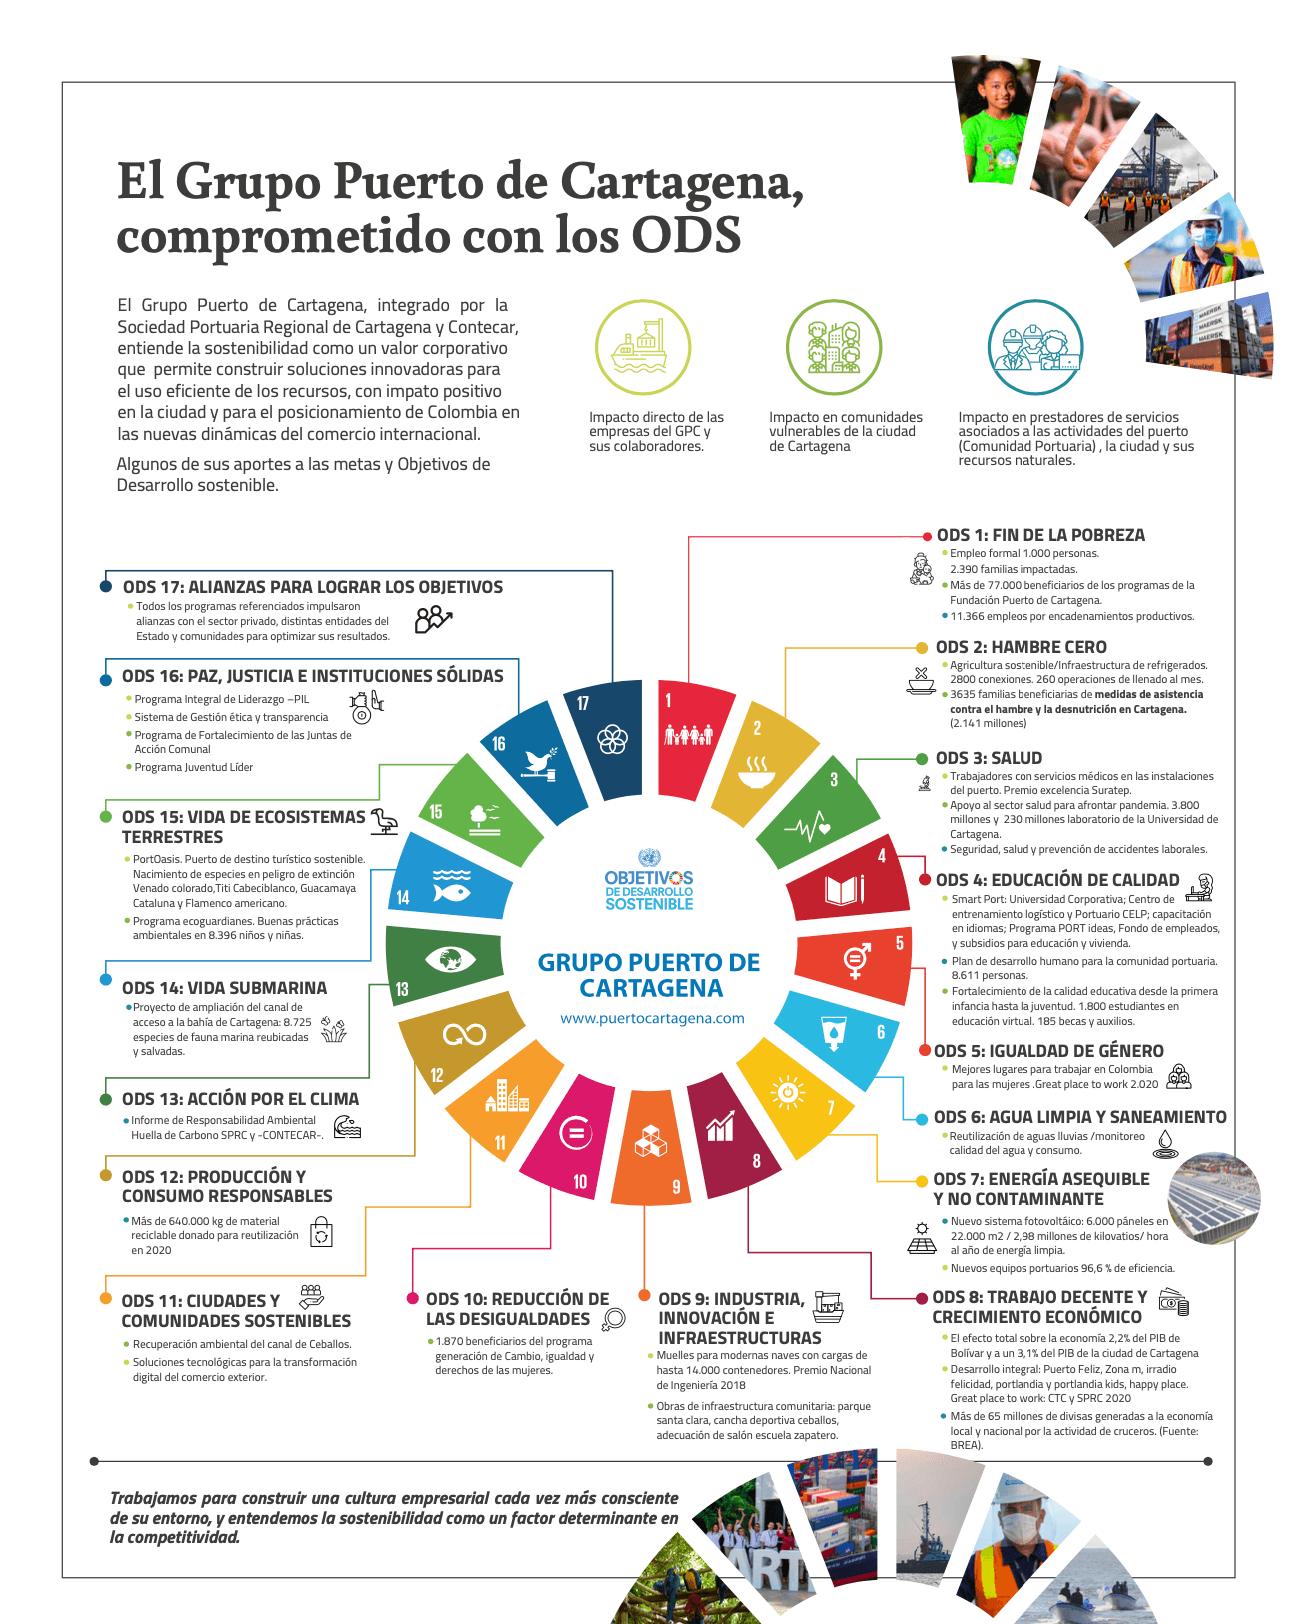 El Grupo Puerto de Cartagena comprometido con los ODS